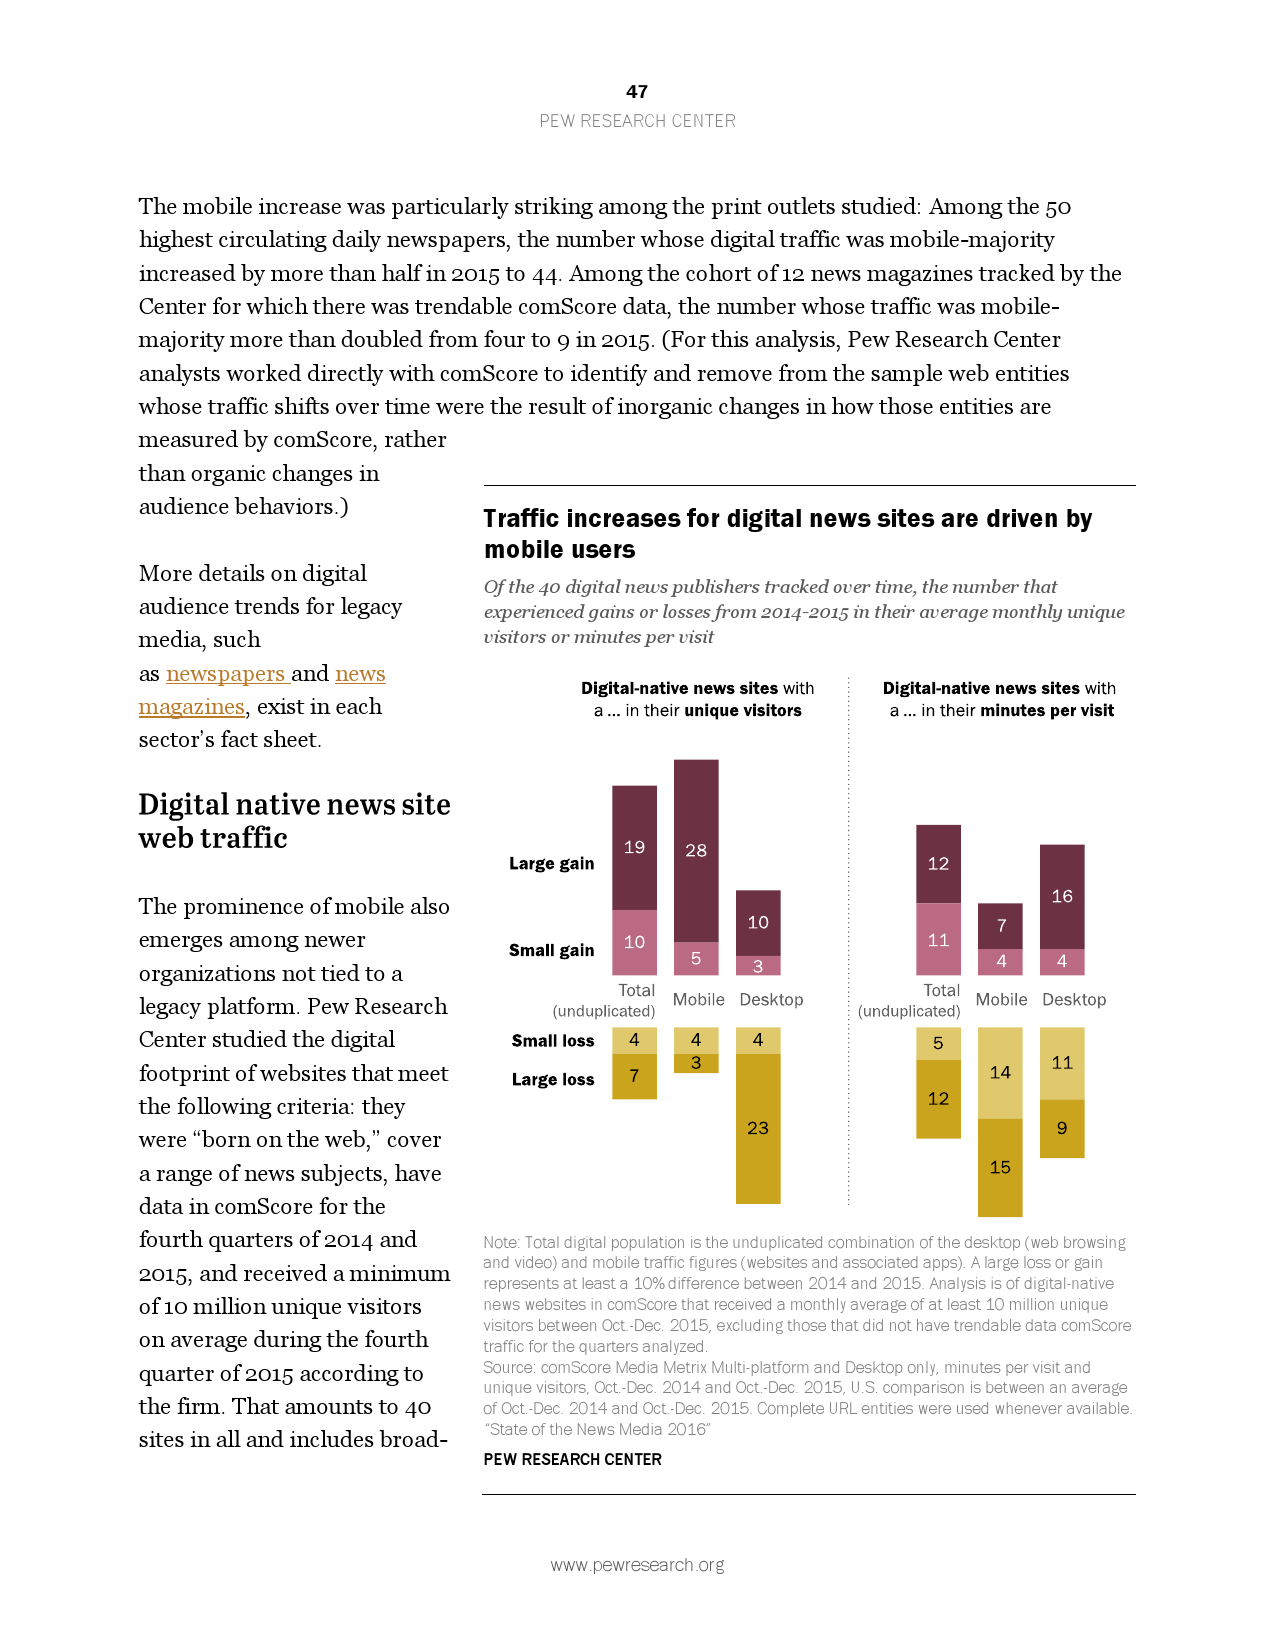 2016美国新媒体研究报告_000047